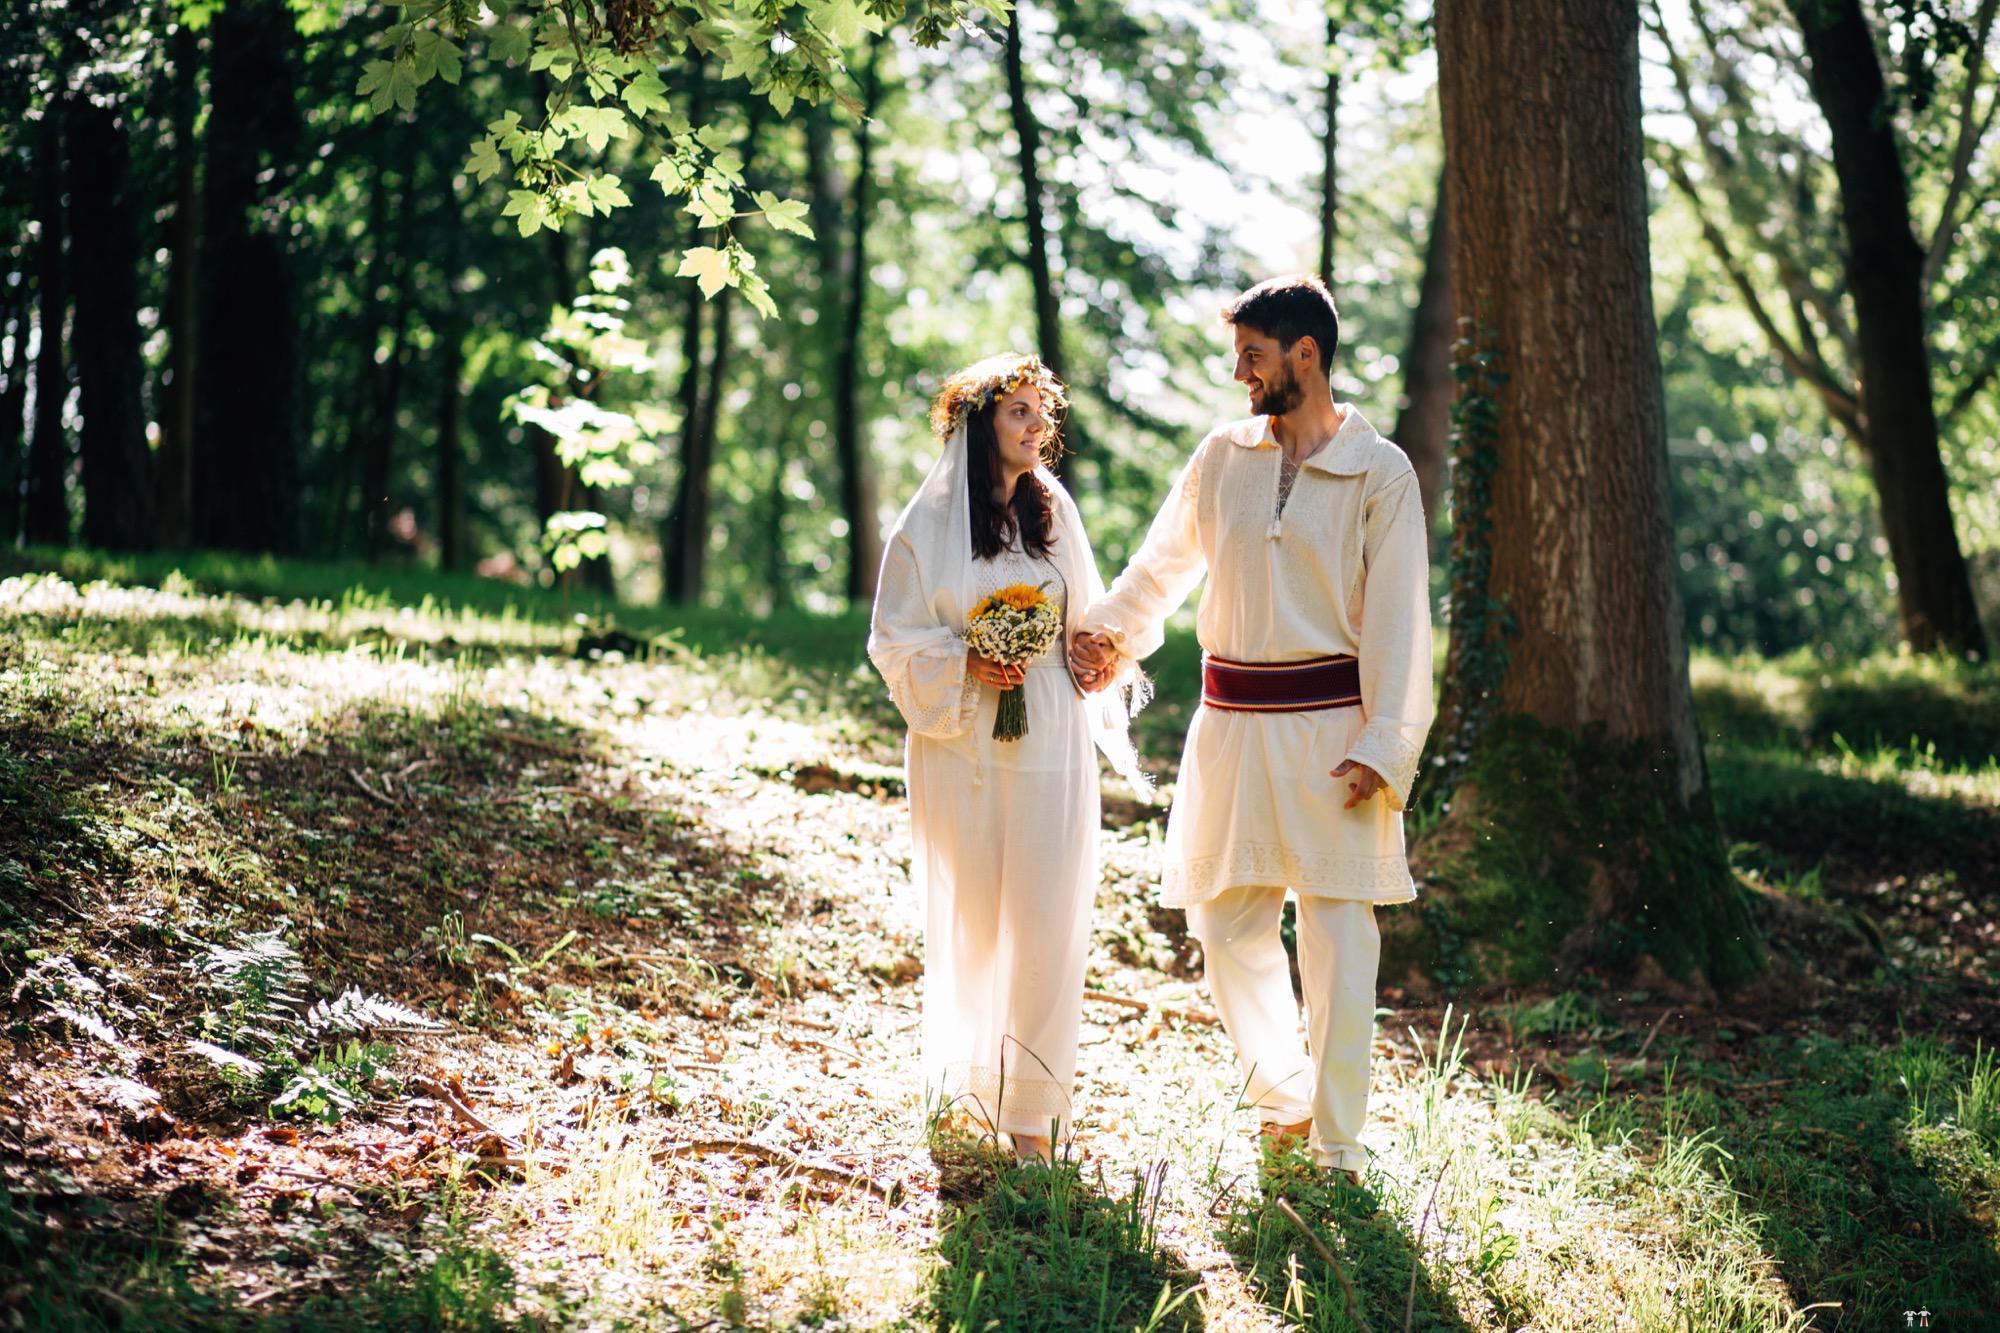 Povești Nunți Tradiționale - Gabriela și Iulian. Nuntă românească în Belgia. 25